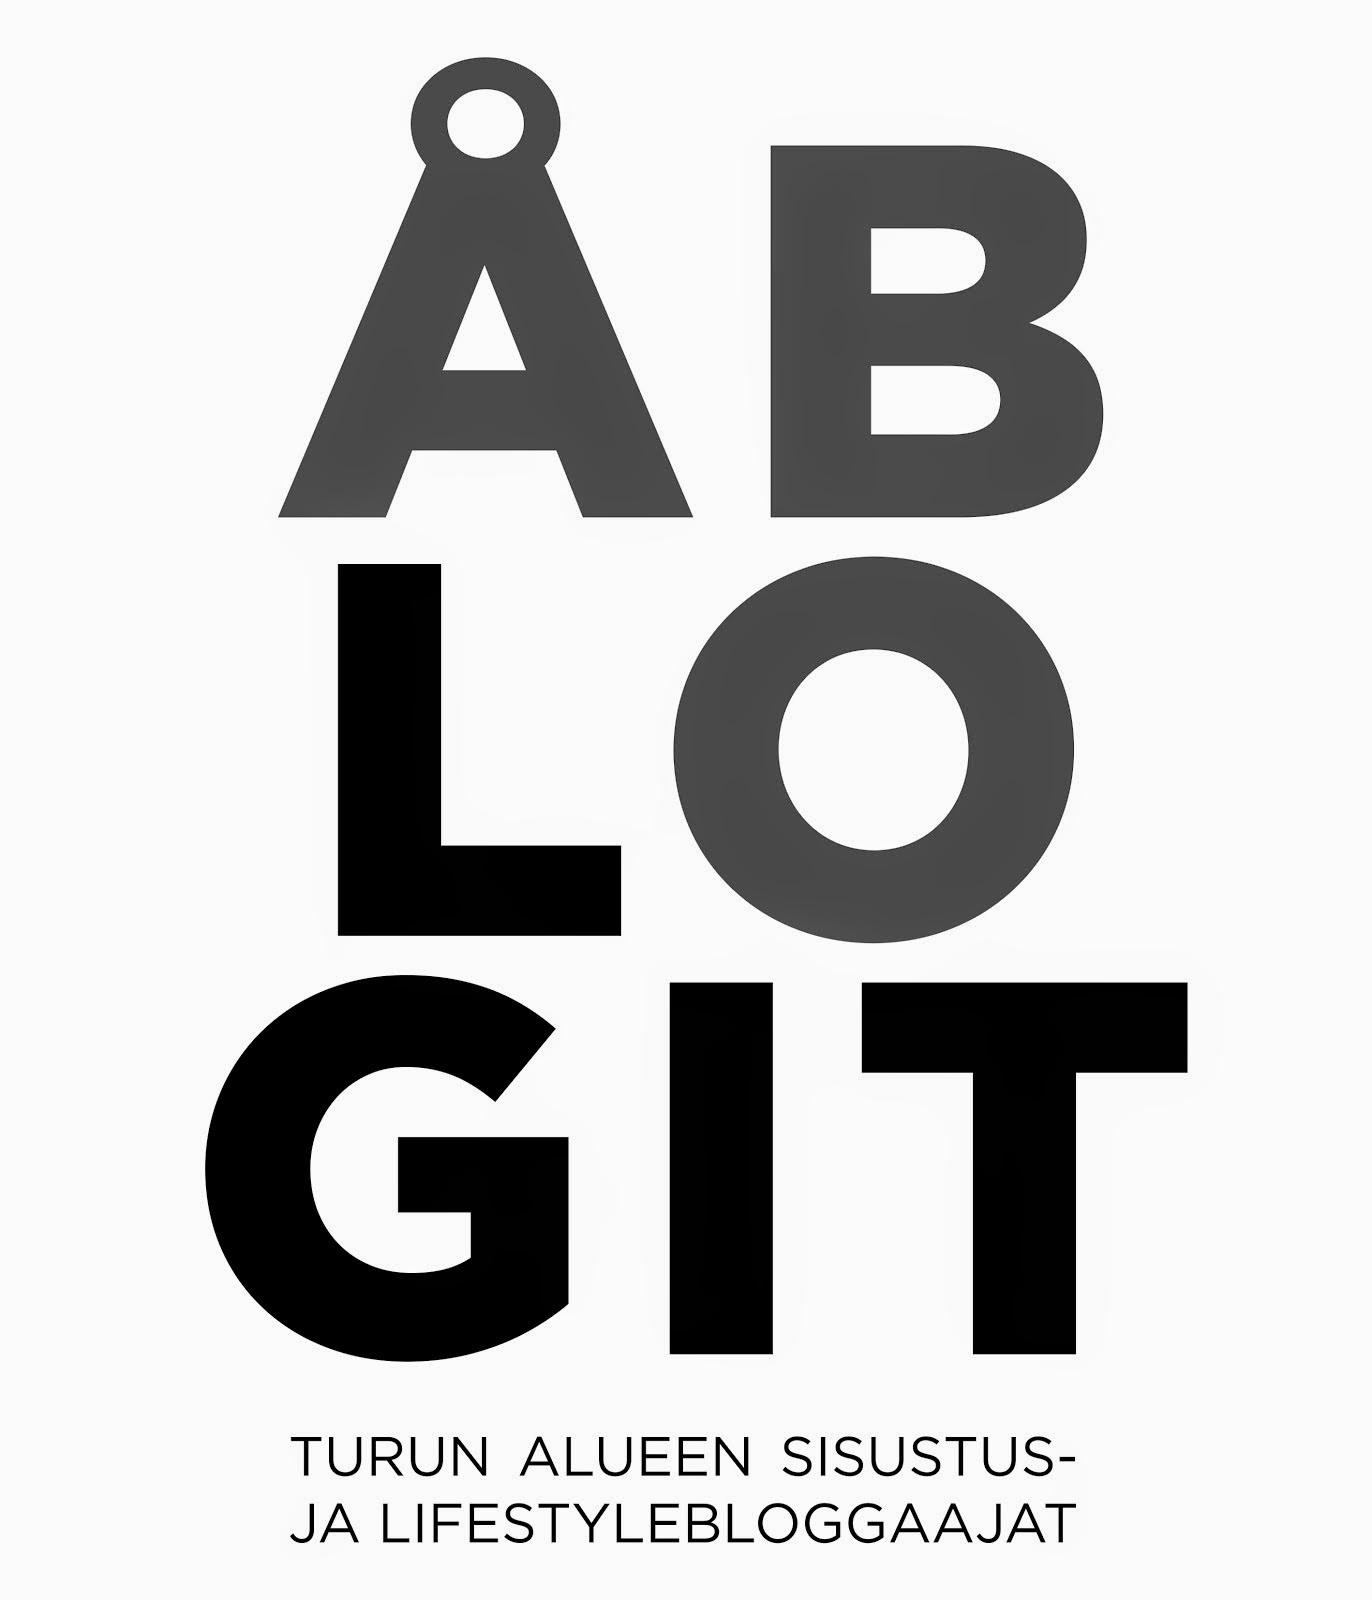 Kotilaituri mukana Åblogeissa